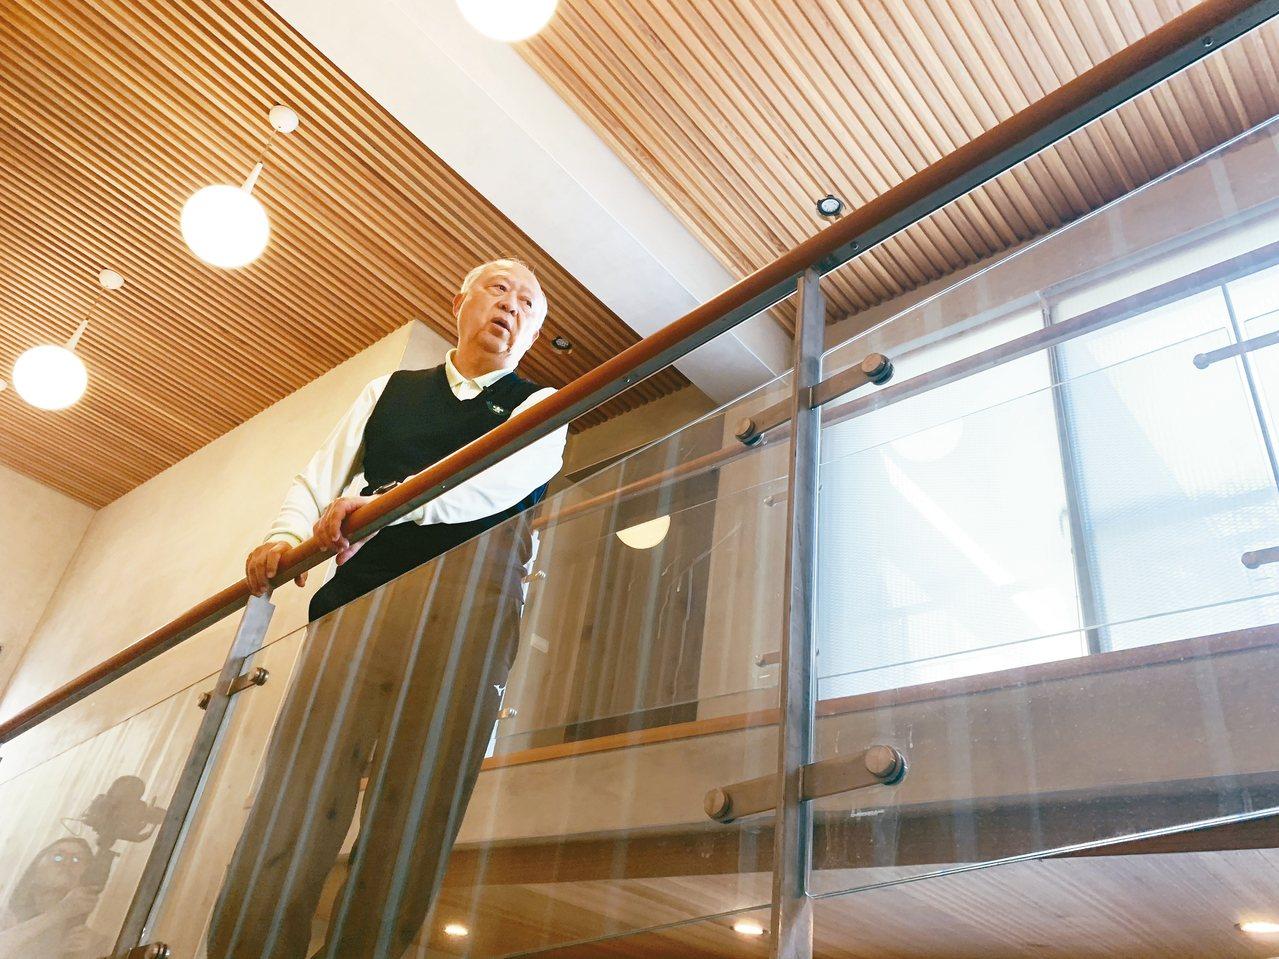 玻璃屋的無障礙坡道取代電梯,家人的腳步聲是最美的樂聲。 記者吳貞瑩/攝影